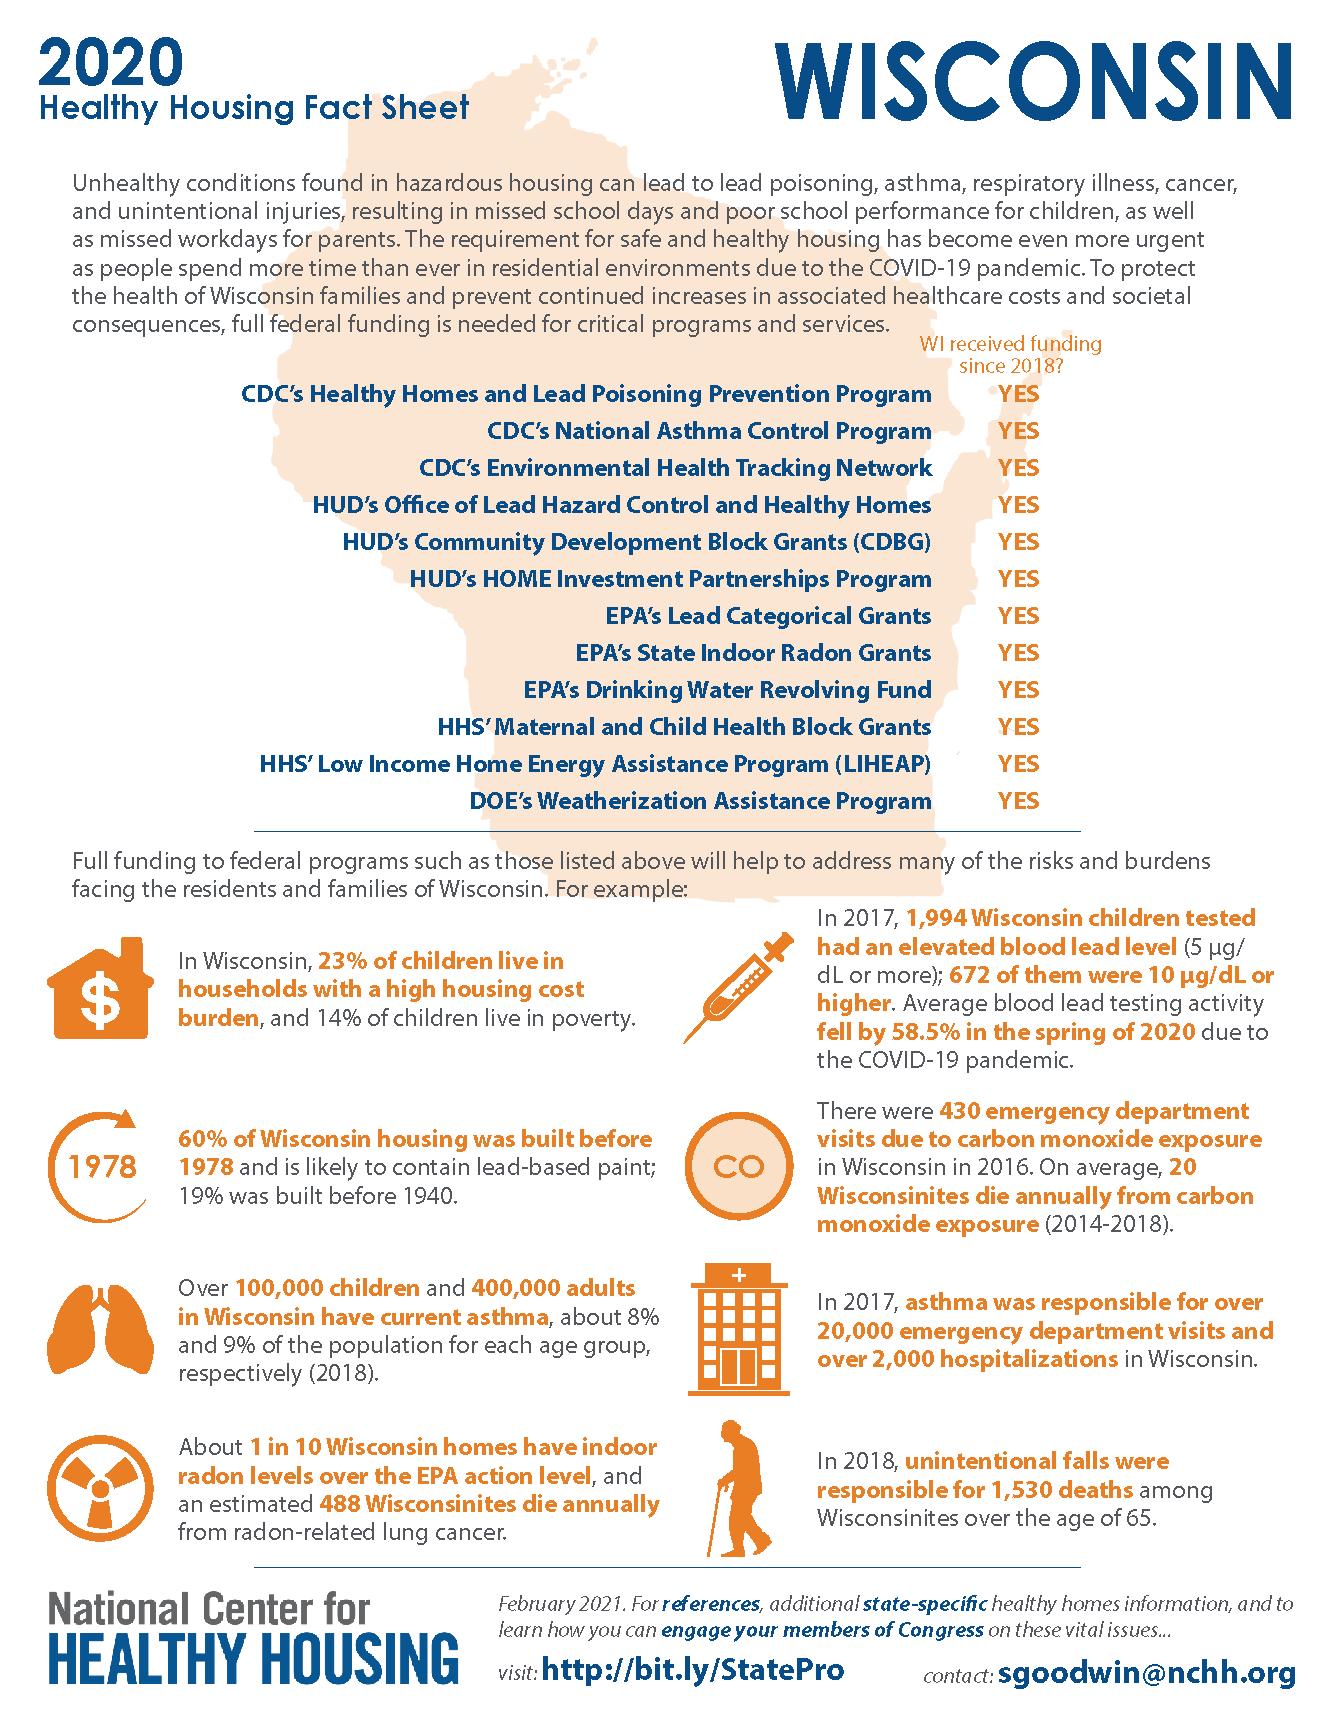 Healthy Housing Fact Sheet - Wisconsin 2020